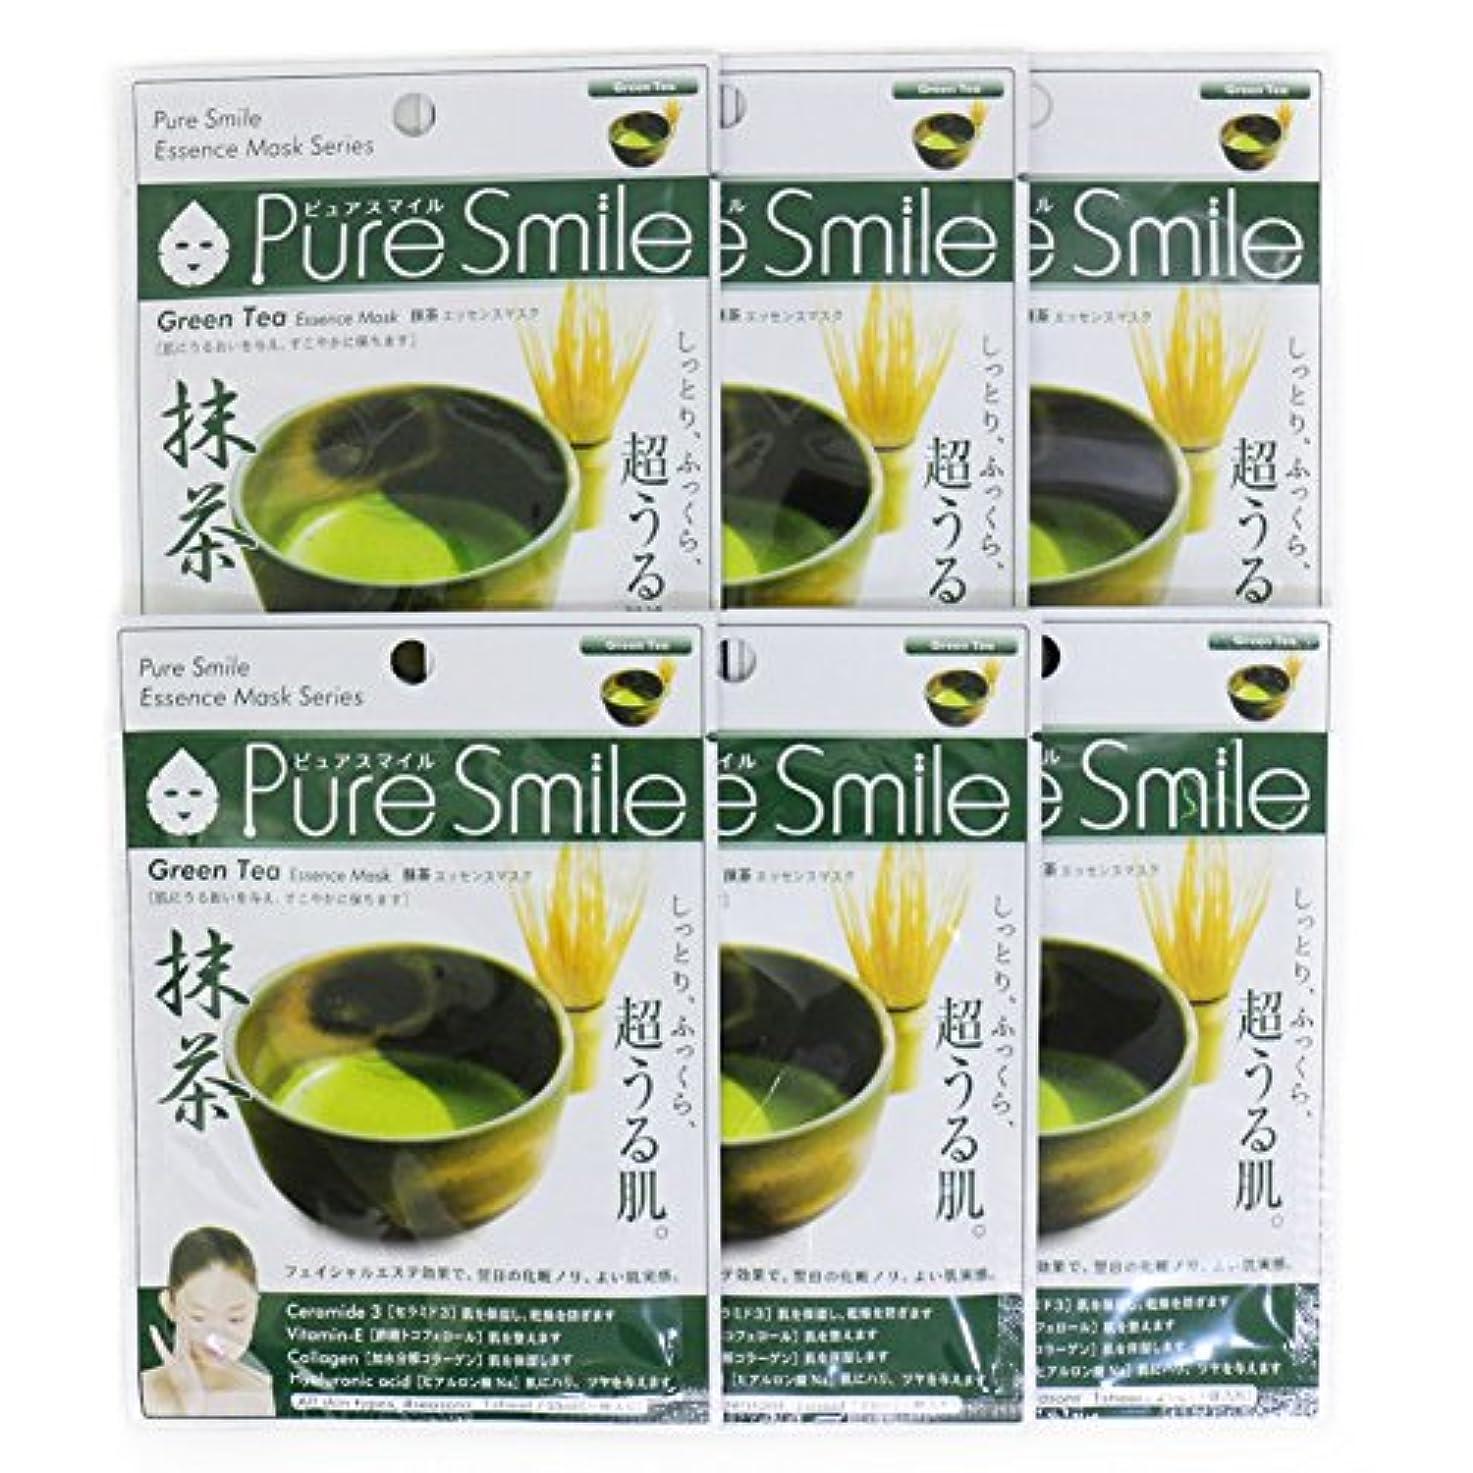 つまらない裁判所ハードウェアPure Smile ピュアスマイル エッセンスマスク 抹茶 6枚セット